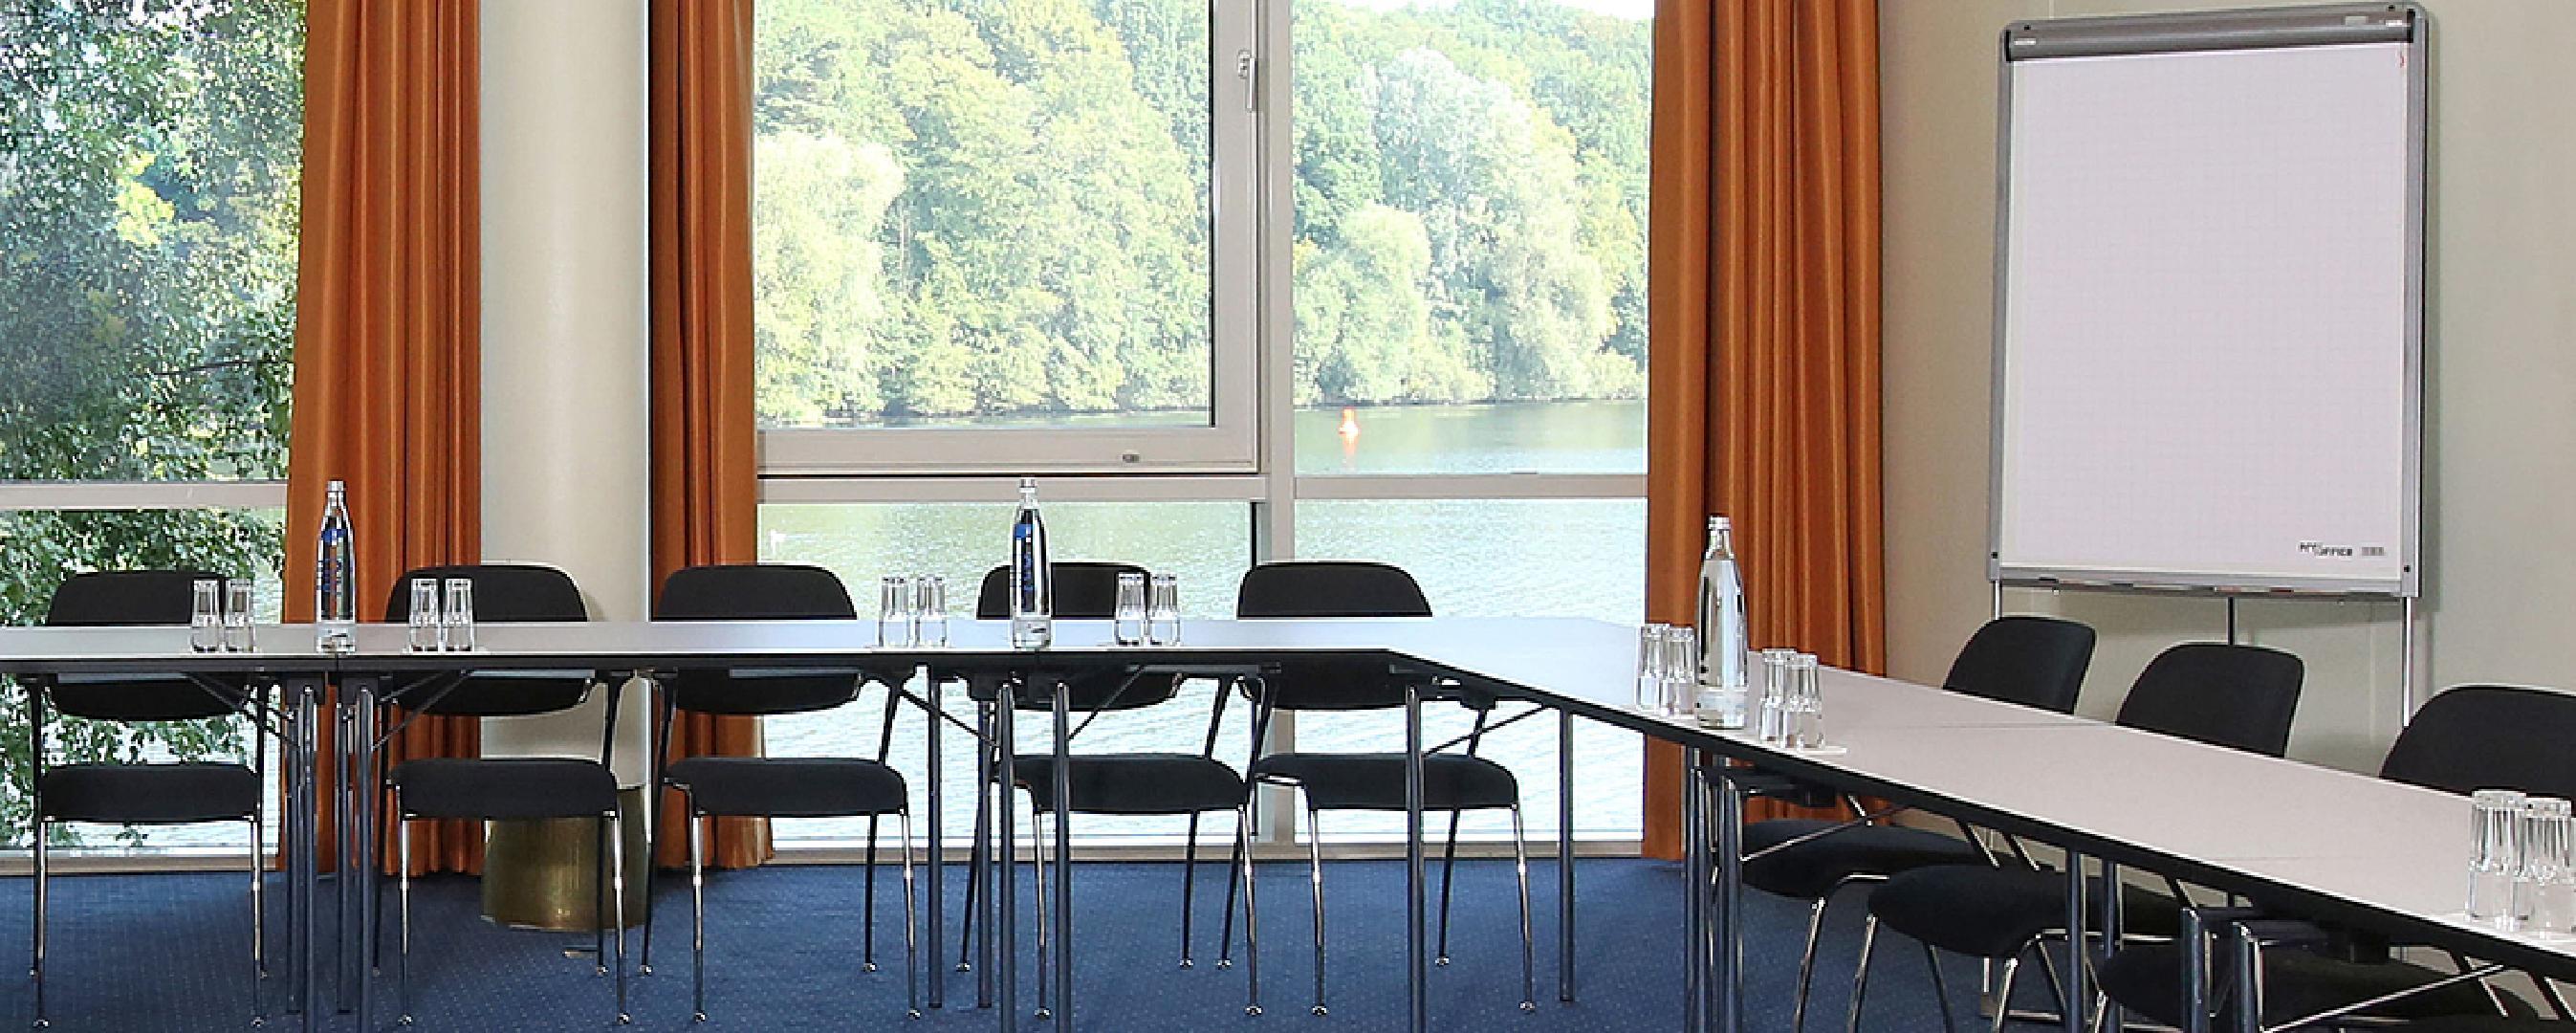 Picture 3 of Tagungsräume Brandenburg, Potsdam, Berlin & Gribnitzsee, Wannsee